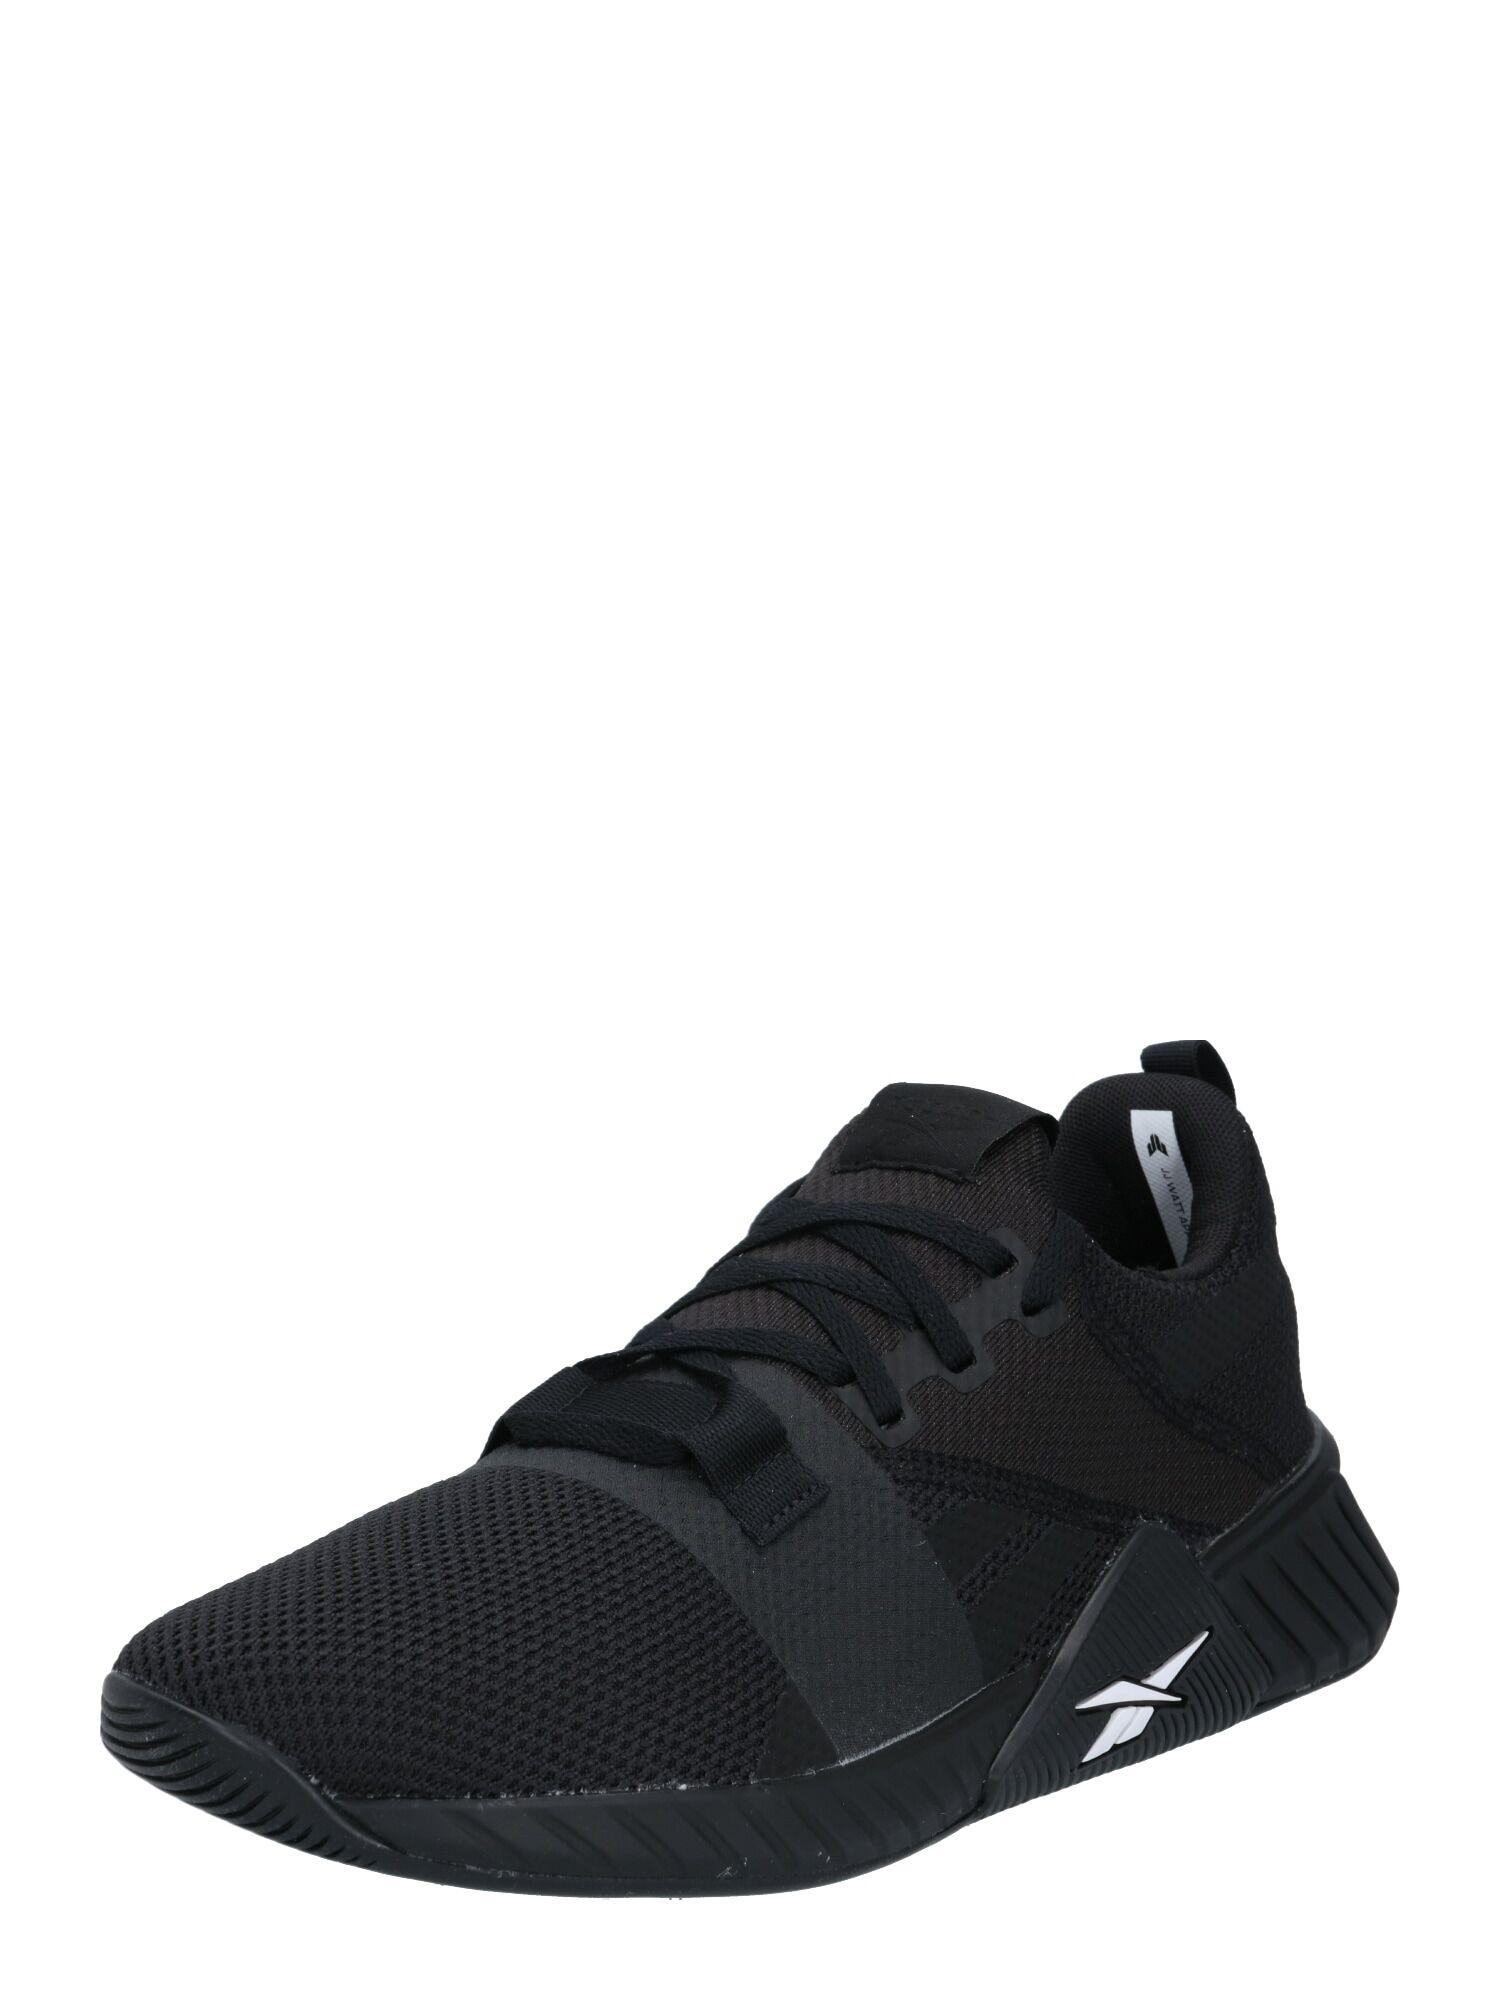 REEBOK Chaussure de sport 'Flashfilm Train 2.0'  - Noir - Taille: 9 - male